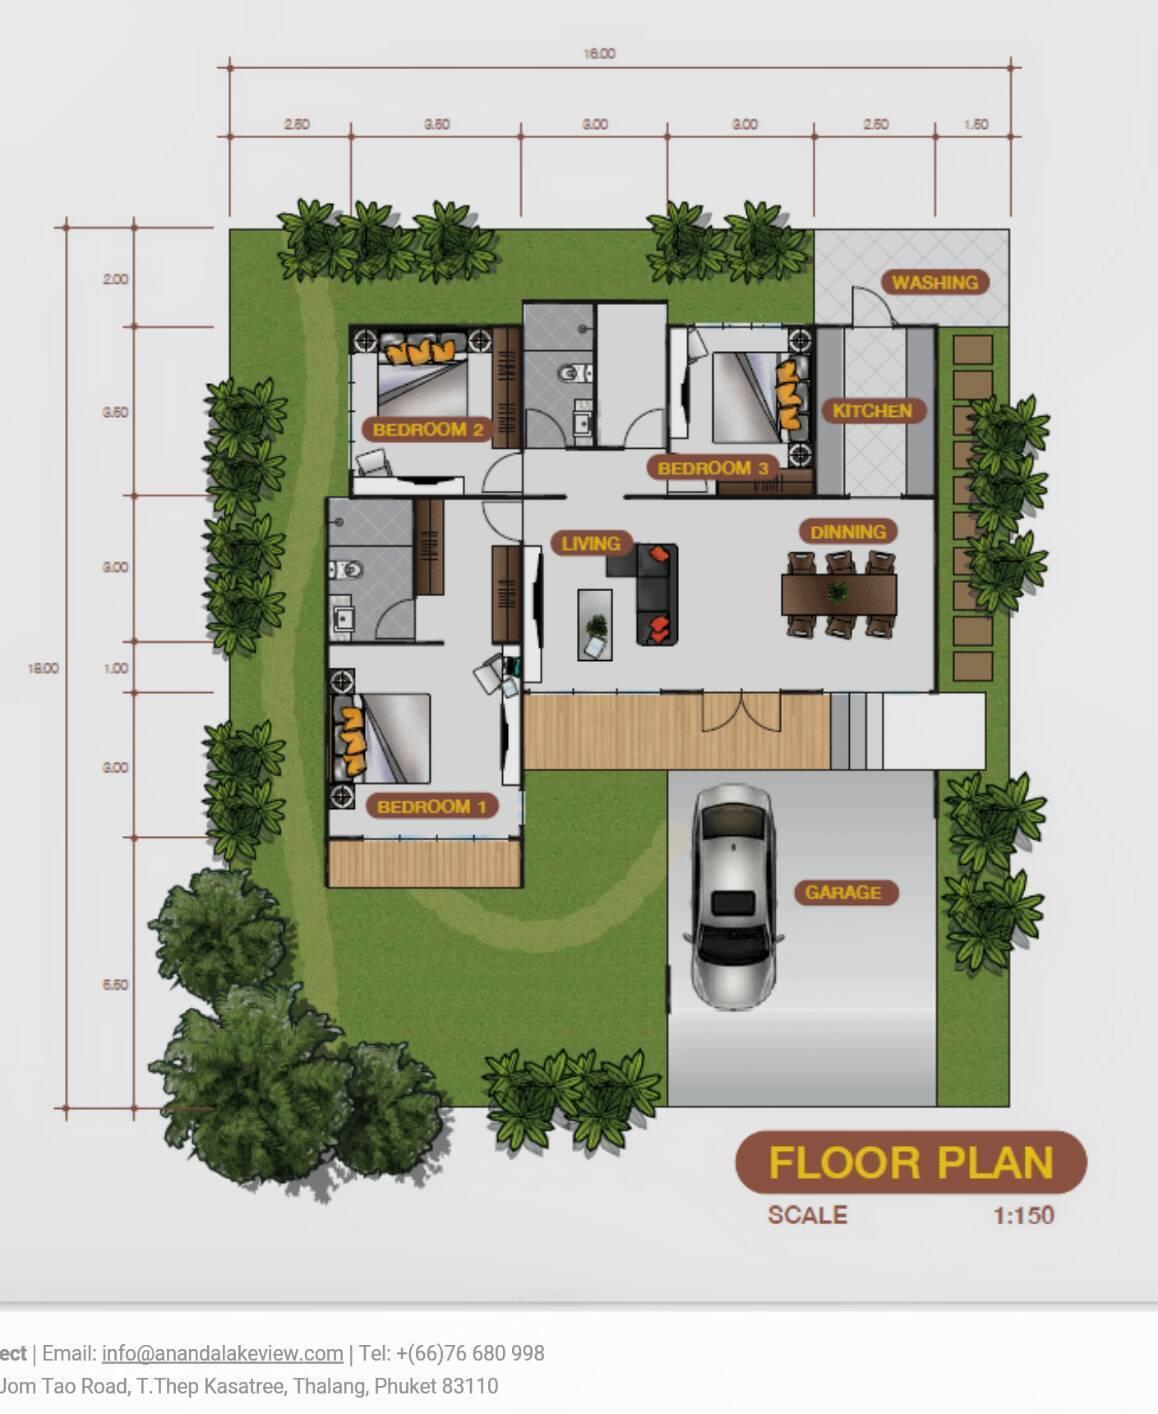 Thalang 3 Bedroom Pool Villa-23d7fdd3-c913-46da-904a-35586f4c8c75.jpg